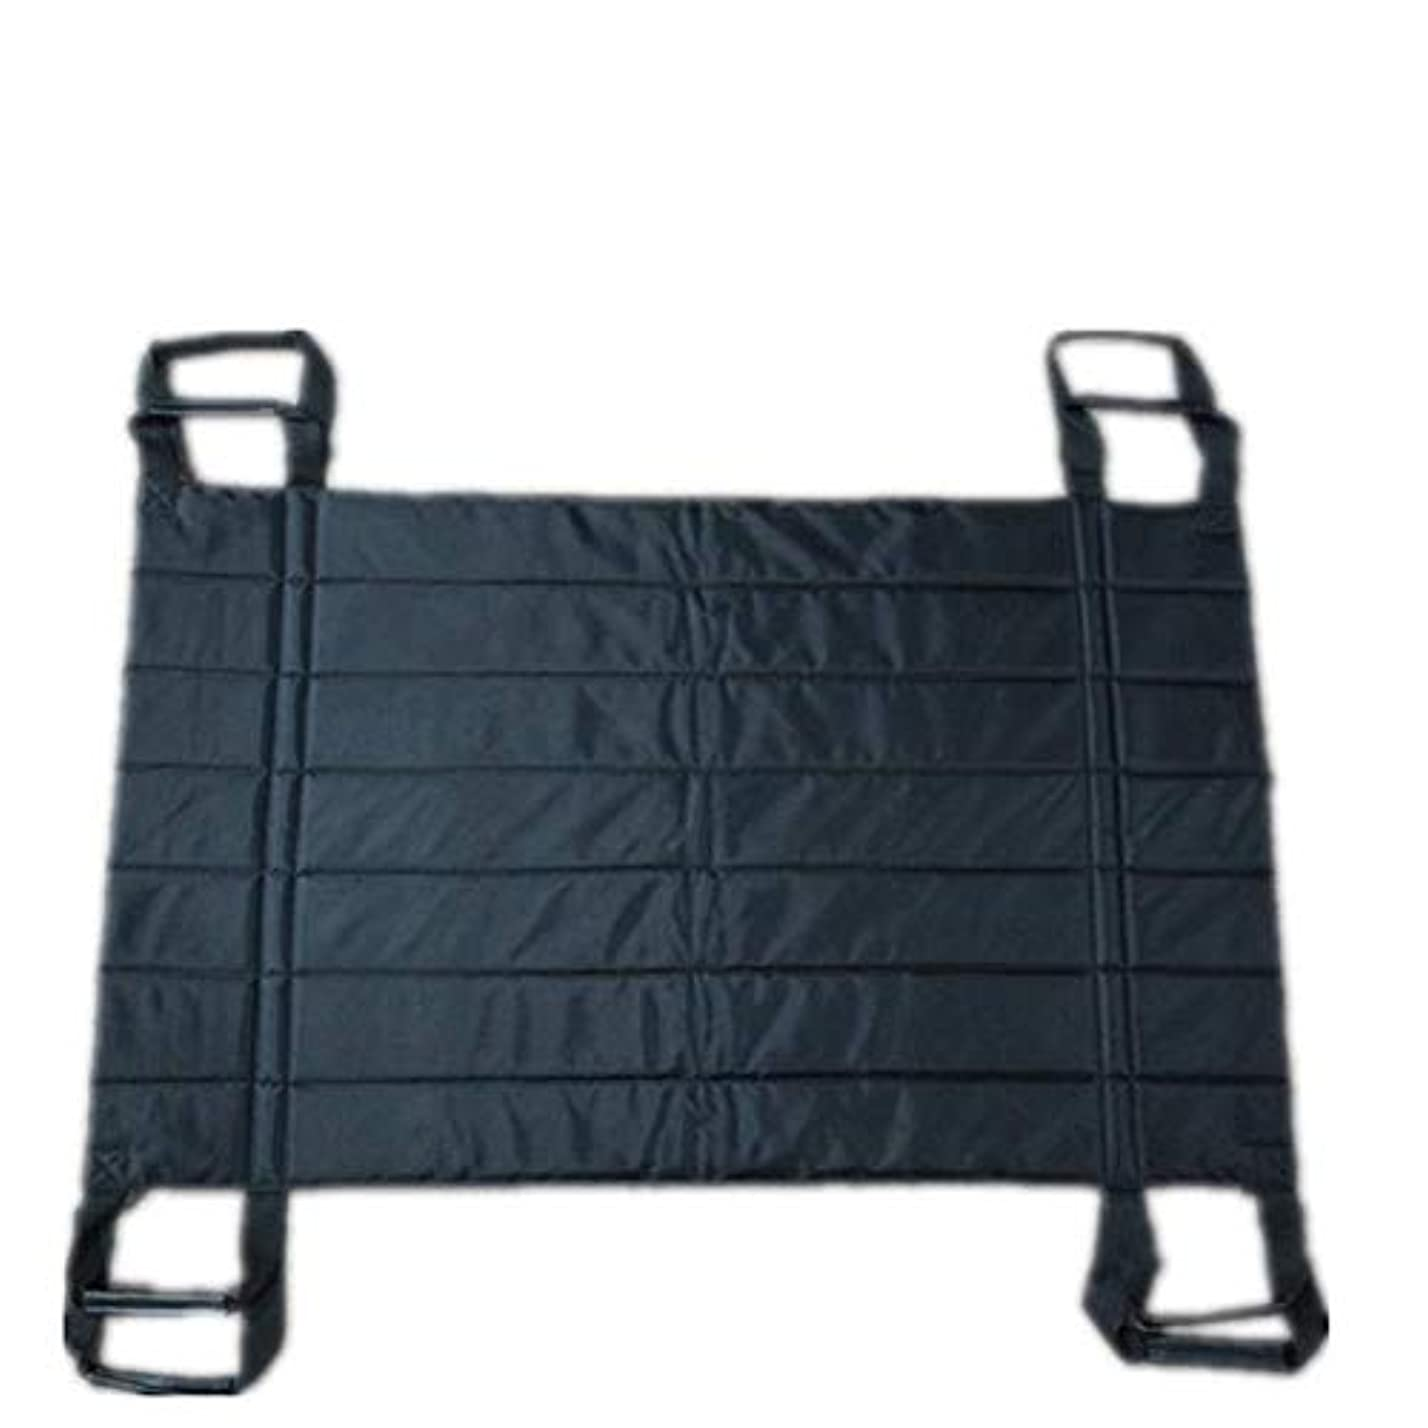 トランスファーボードスライドベルト-患者リフトベッド支援デバイス-患者輸送リフトスリング-位置決めベッドパッド